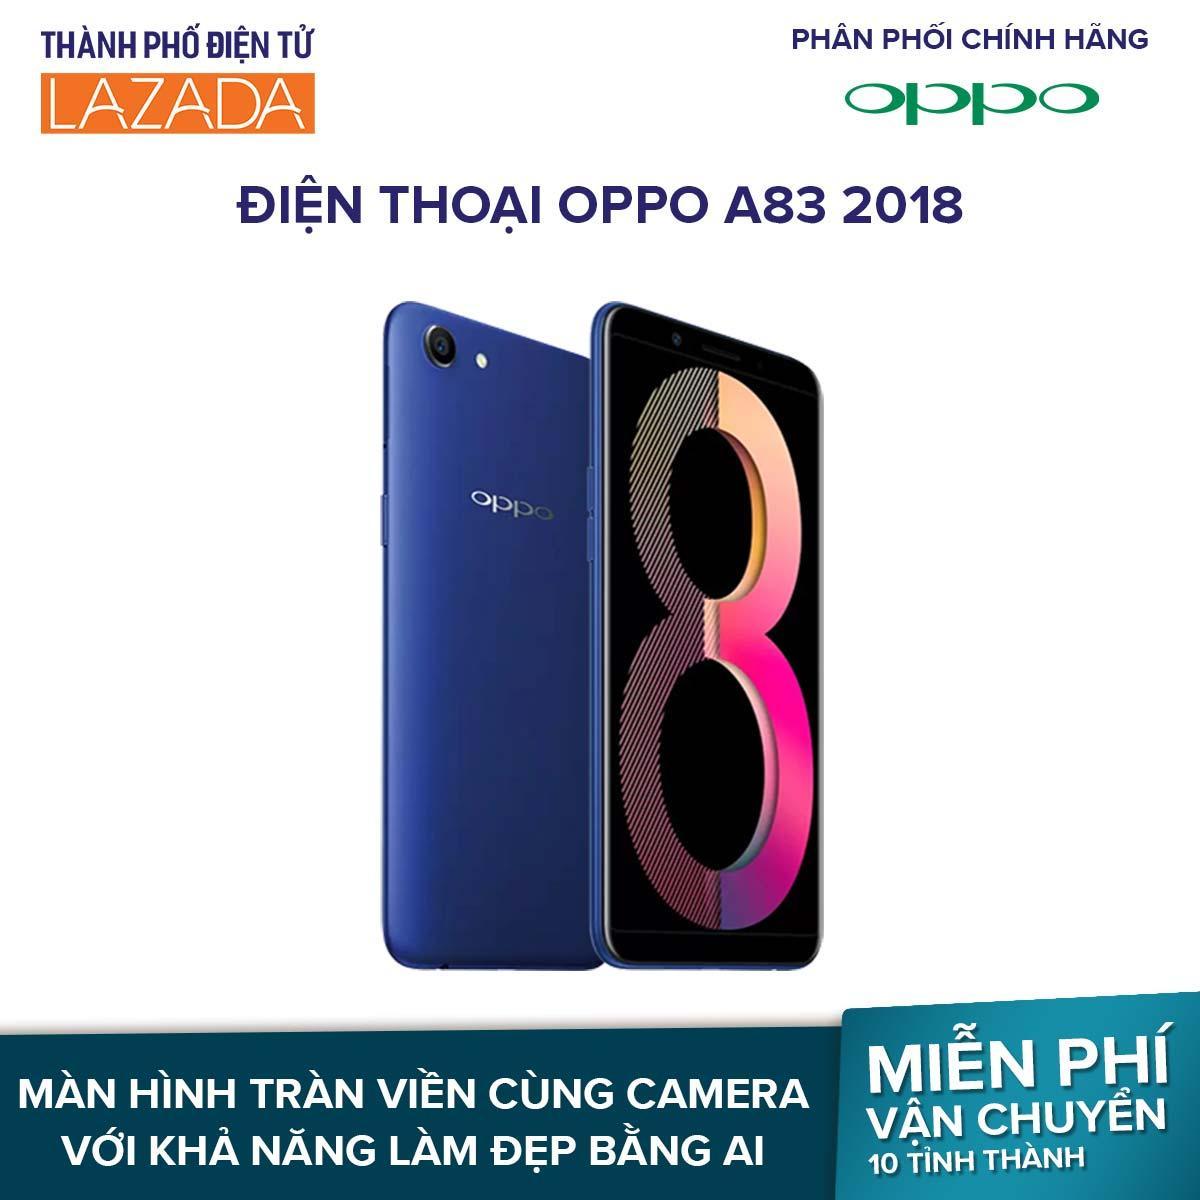 Điện Thoại OPPO A83 2018 - Hàng Phân Phối Chính Hãng